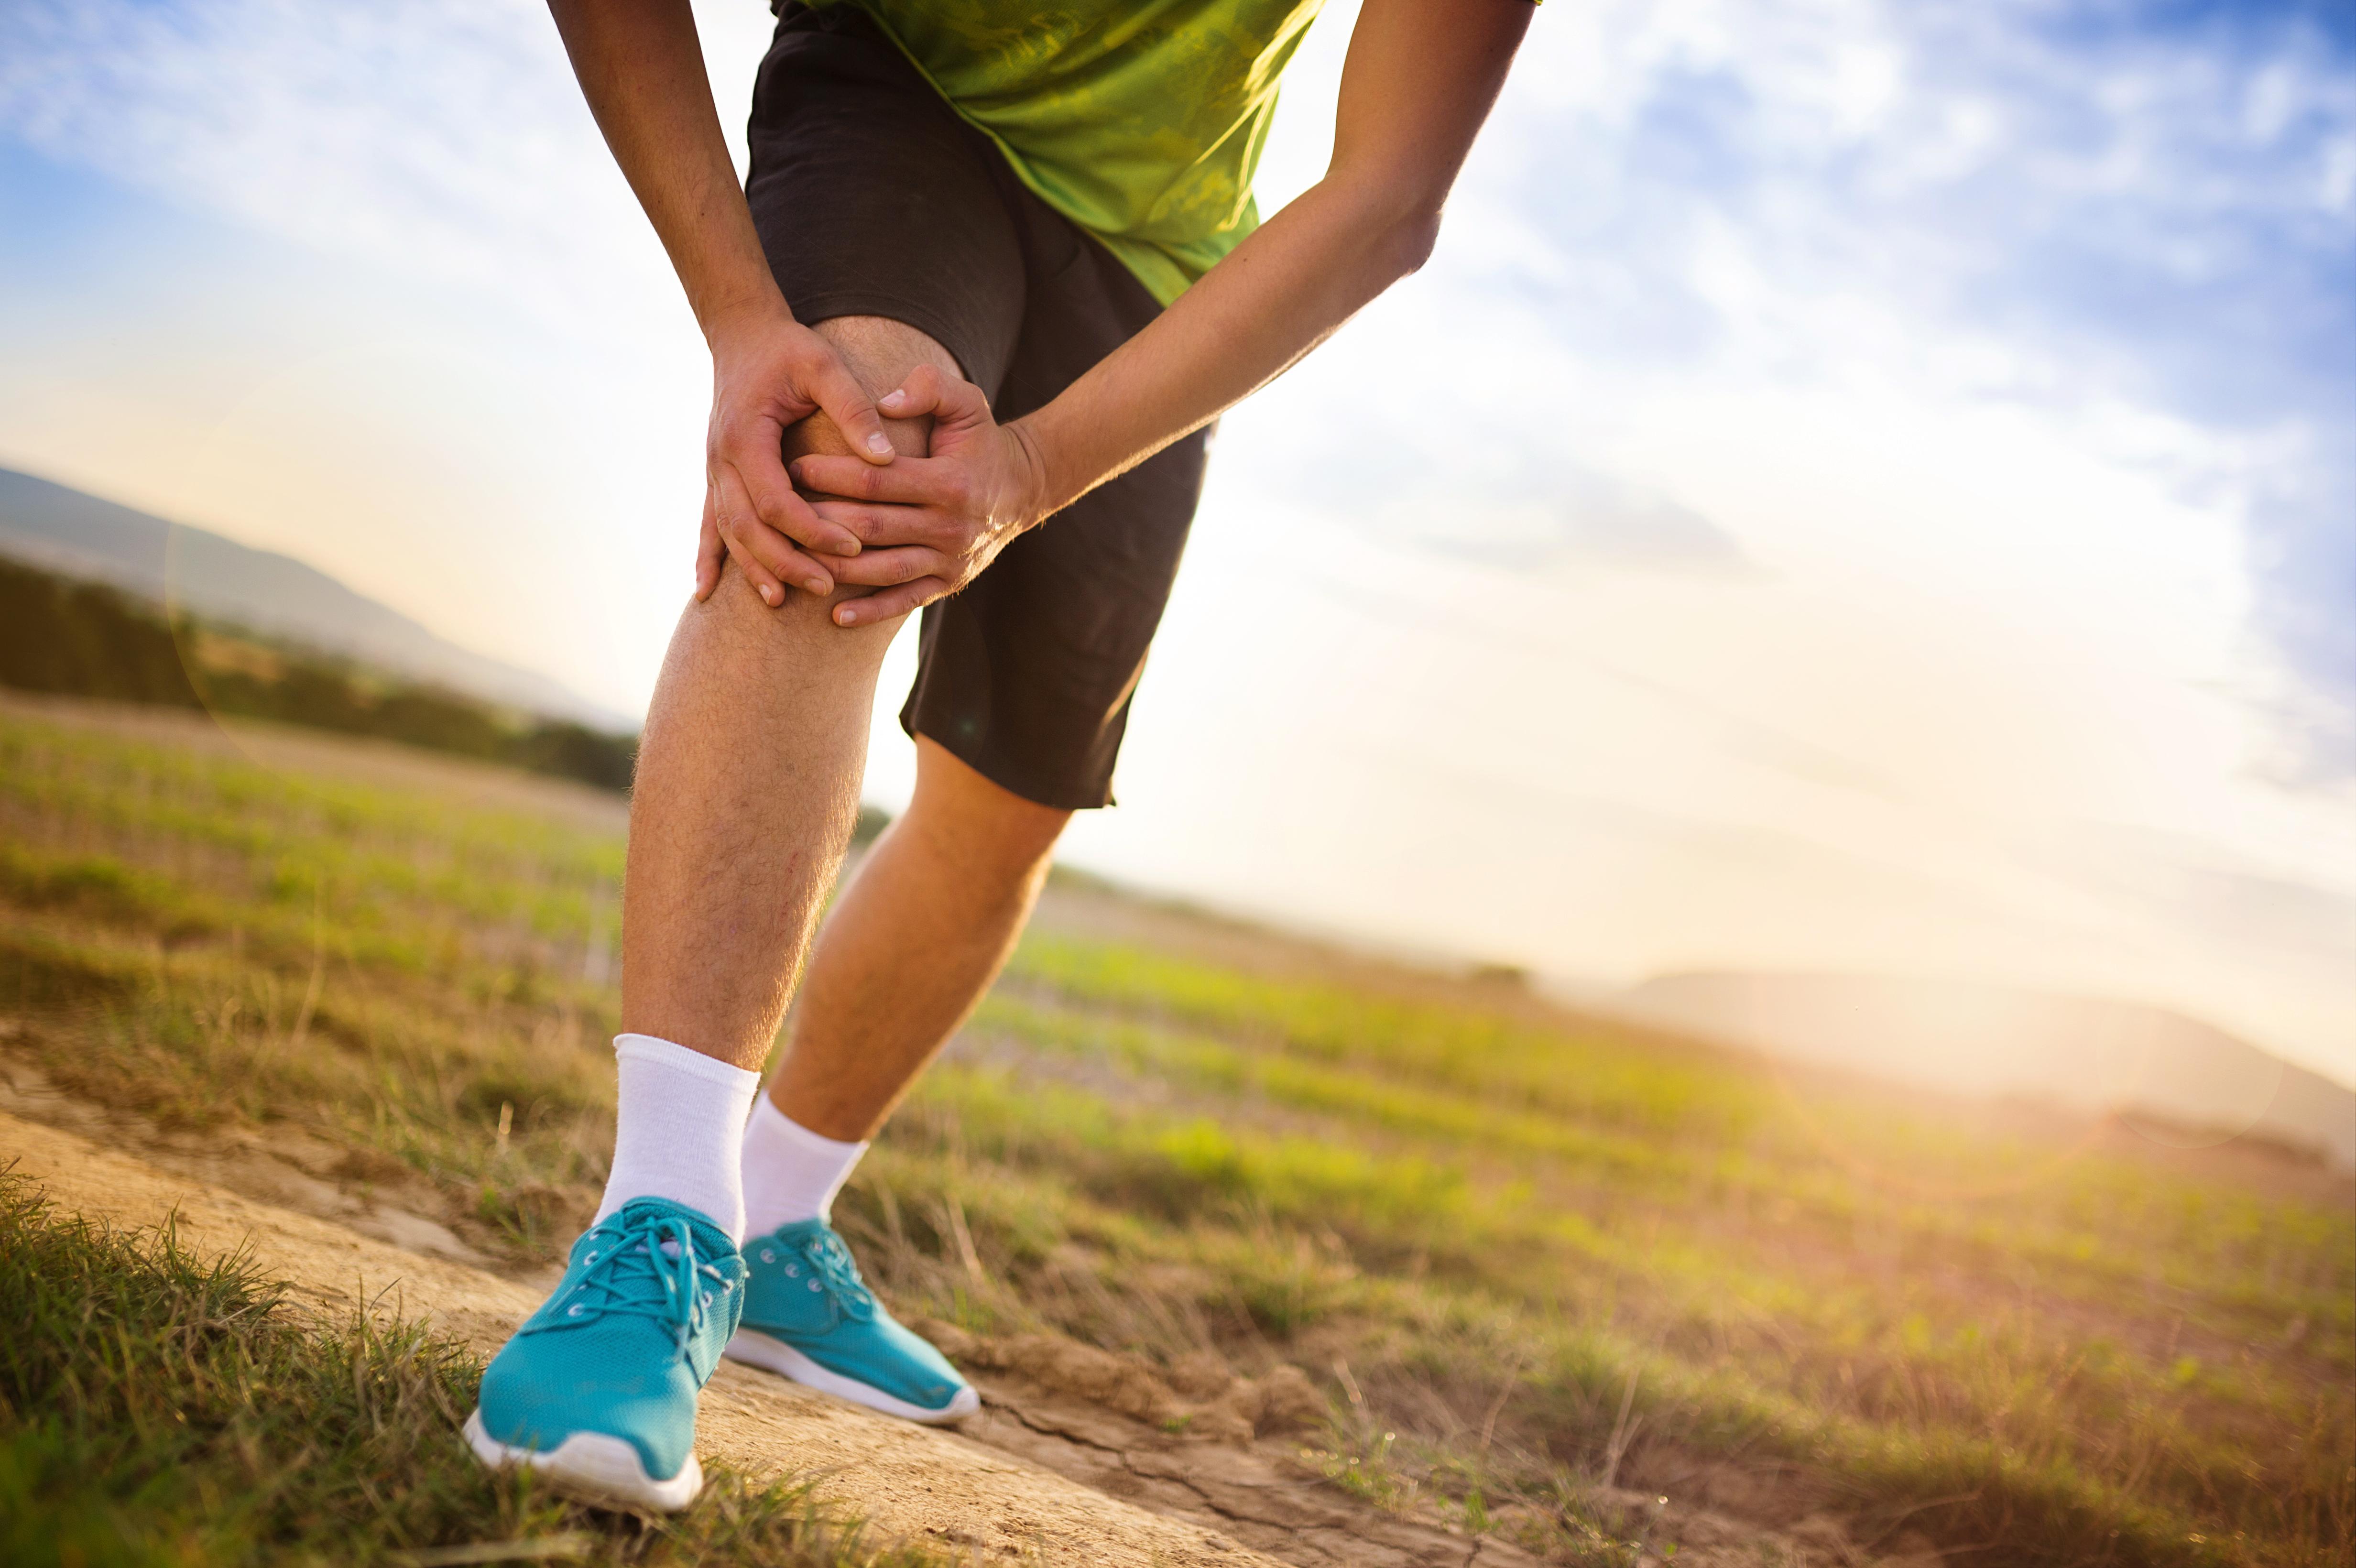 One Running Training Injury